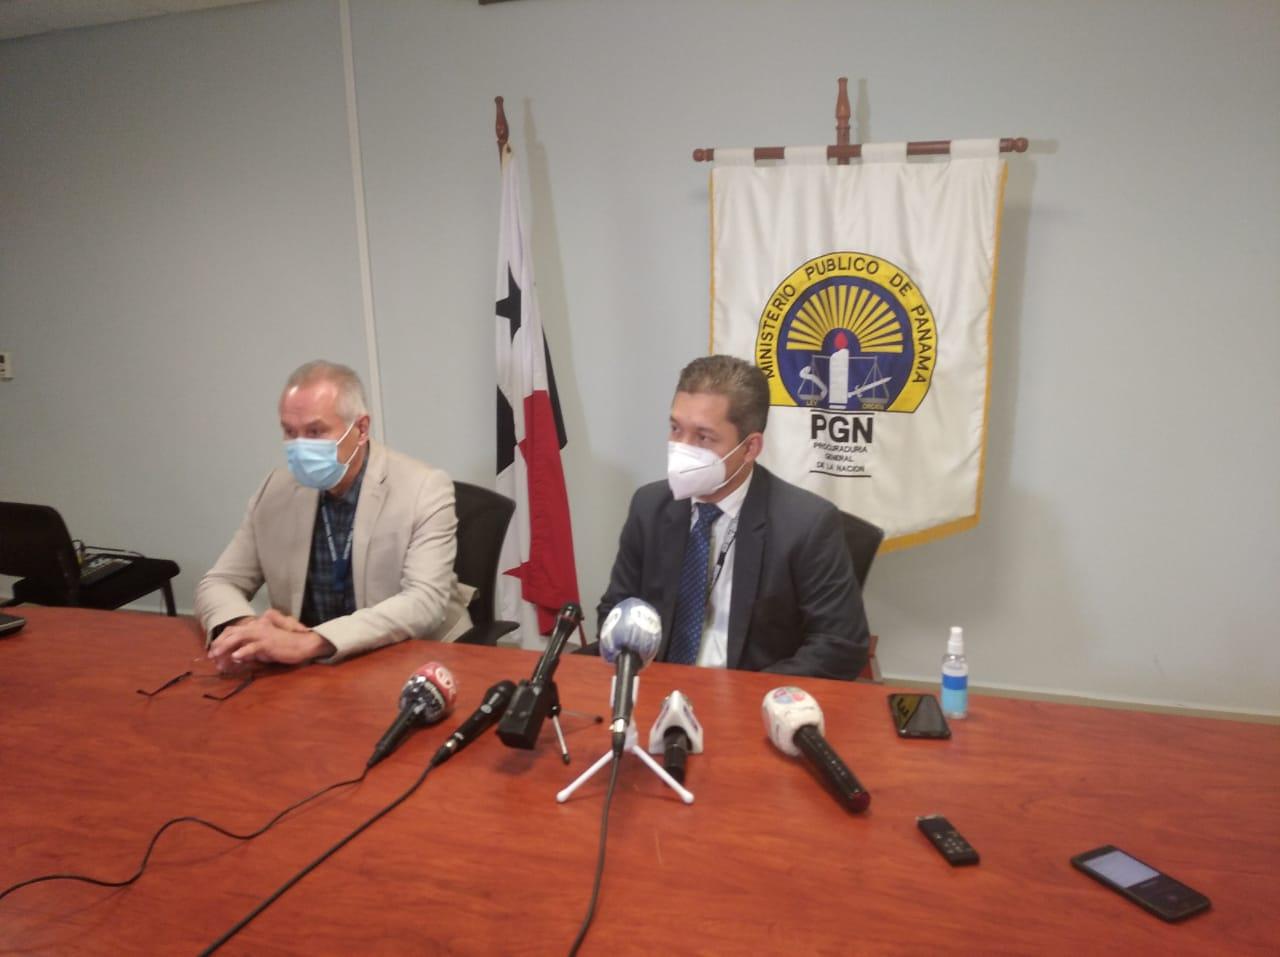 Los fiscales Adolfo Pineday Edwin Juárez hablaron del caso en conferencia de prensa.